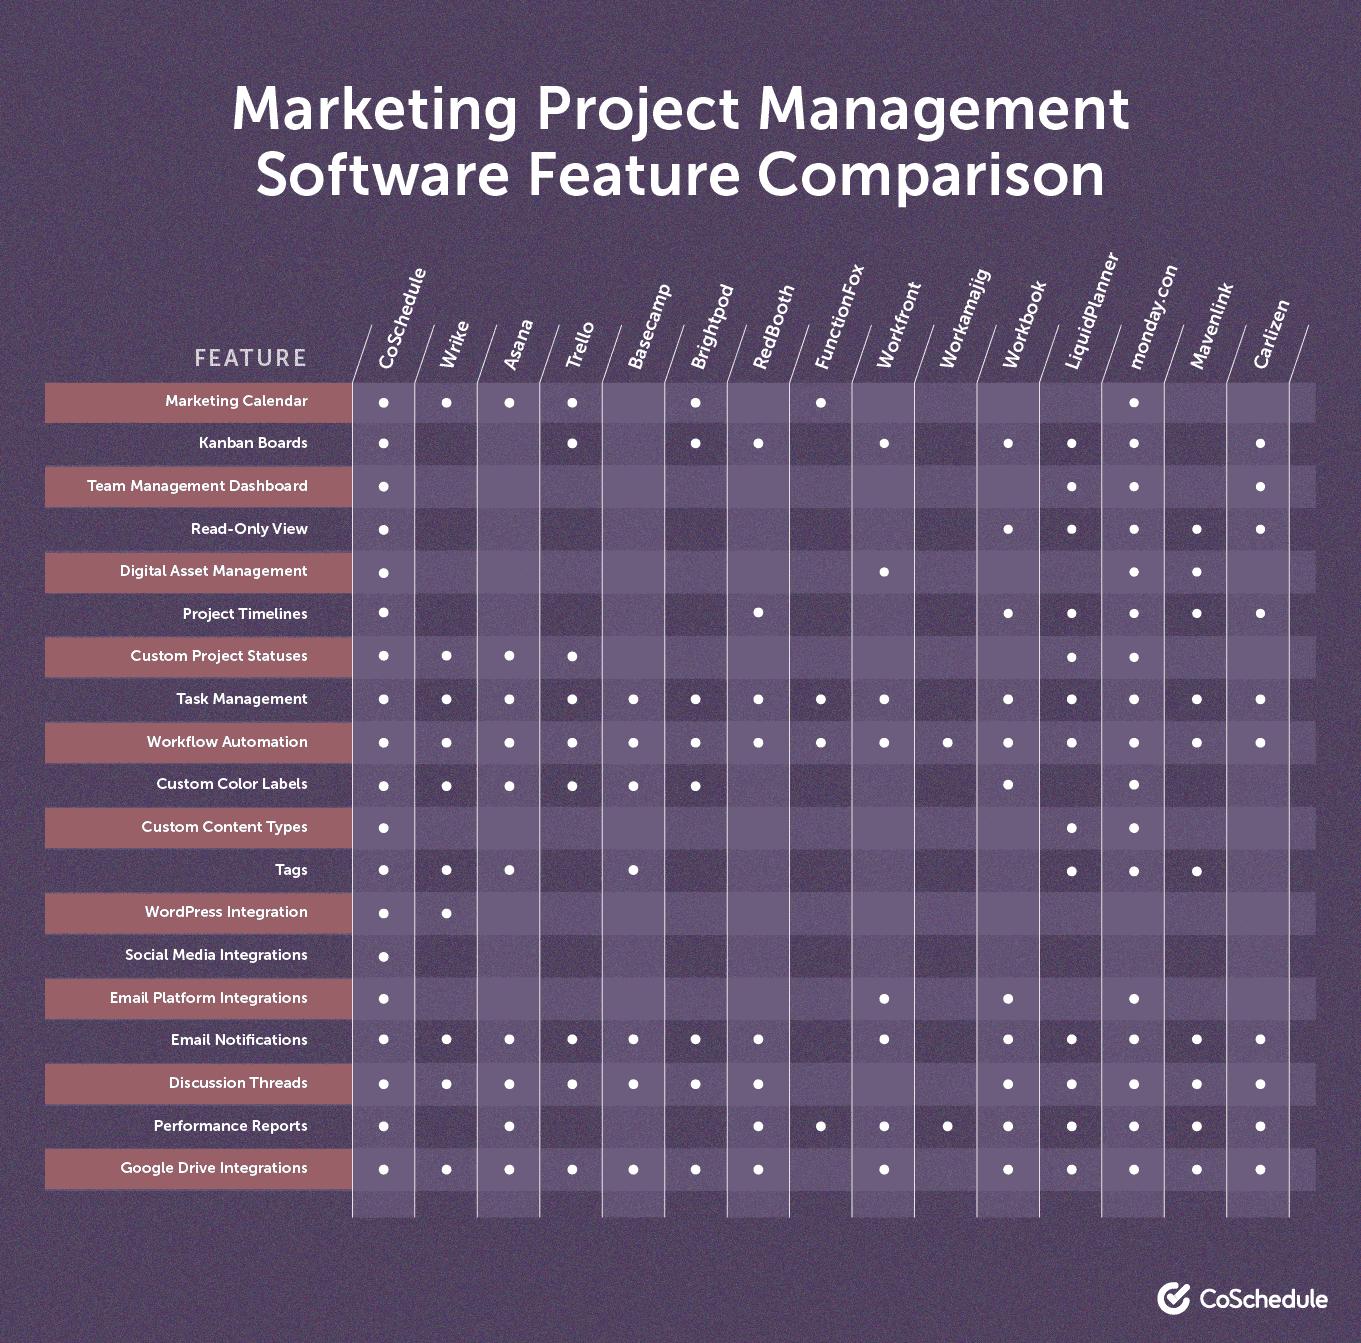 Marketing project management software feature comparison